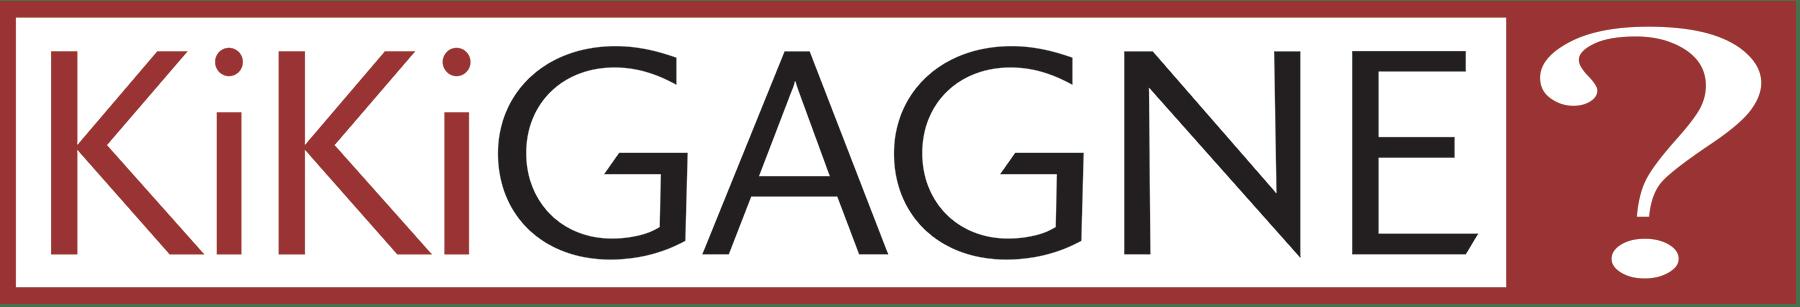 KikiGagne